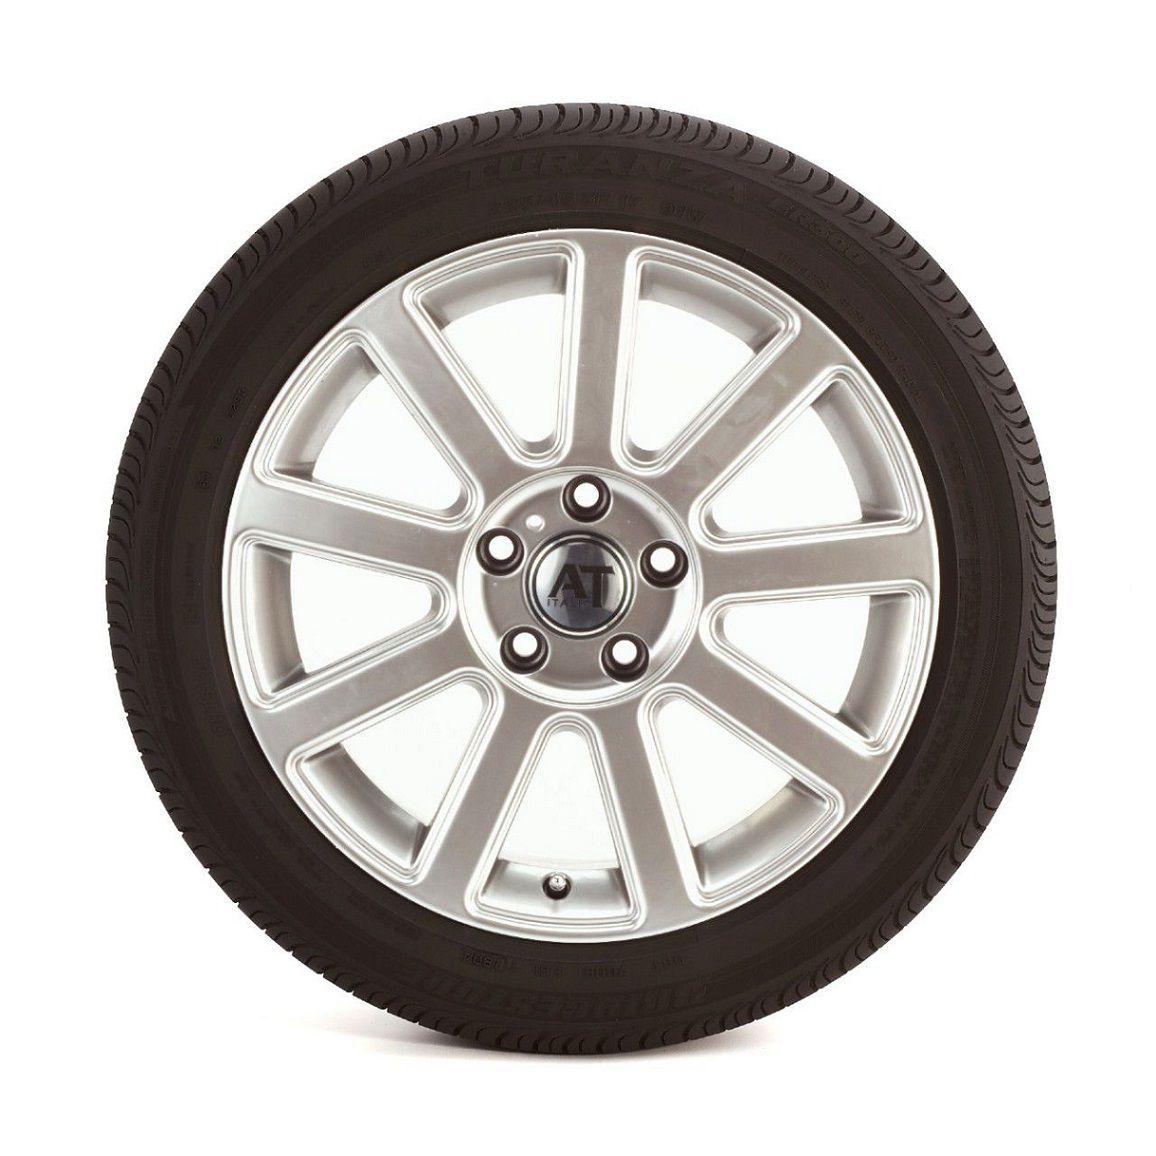 Kit 04 Pneus 195/65 R 15 - Turanza Er300 91h Bridgestone - Cobalt